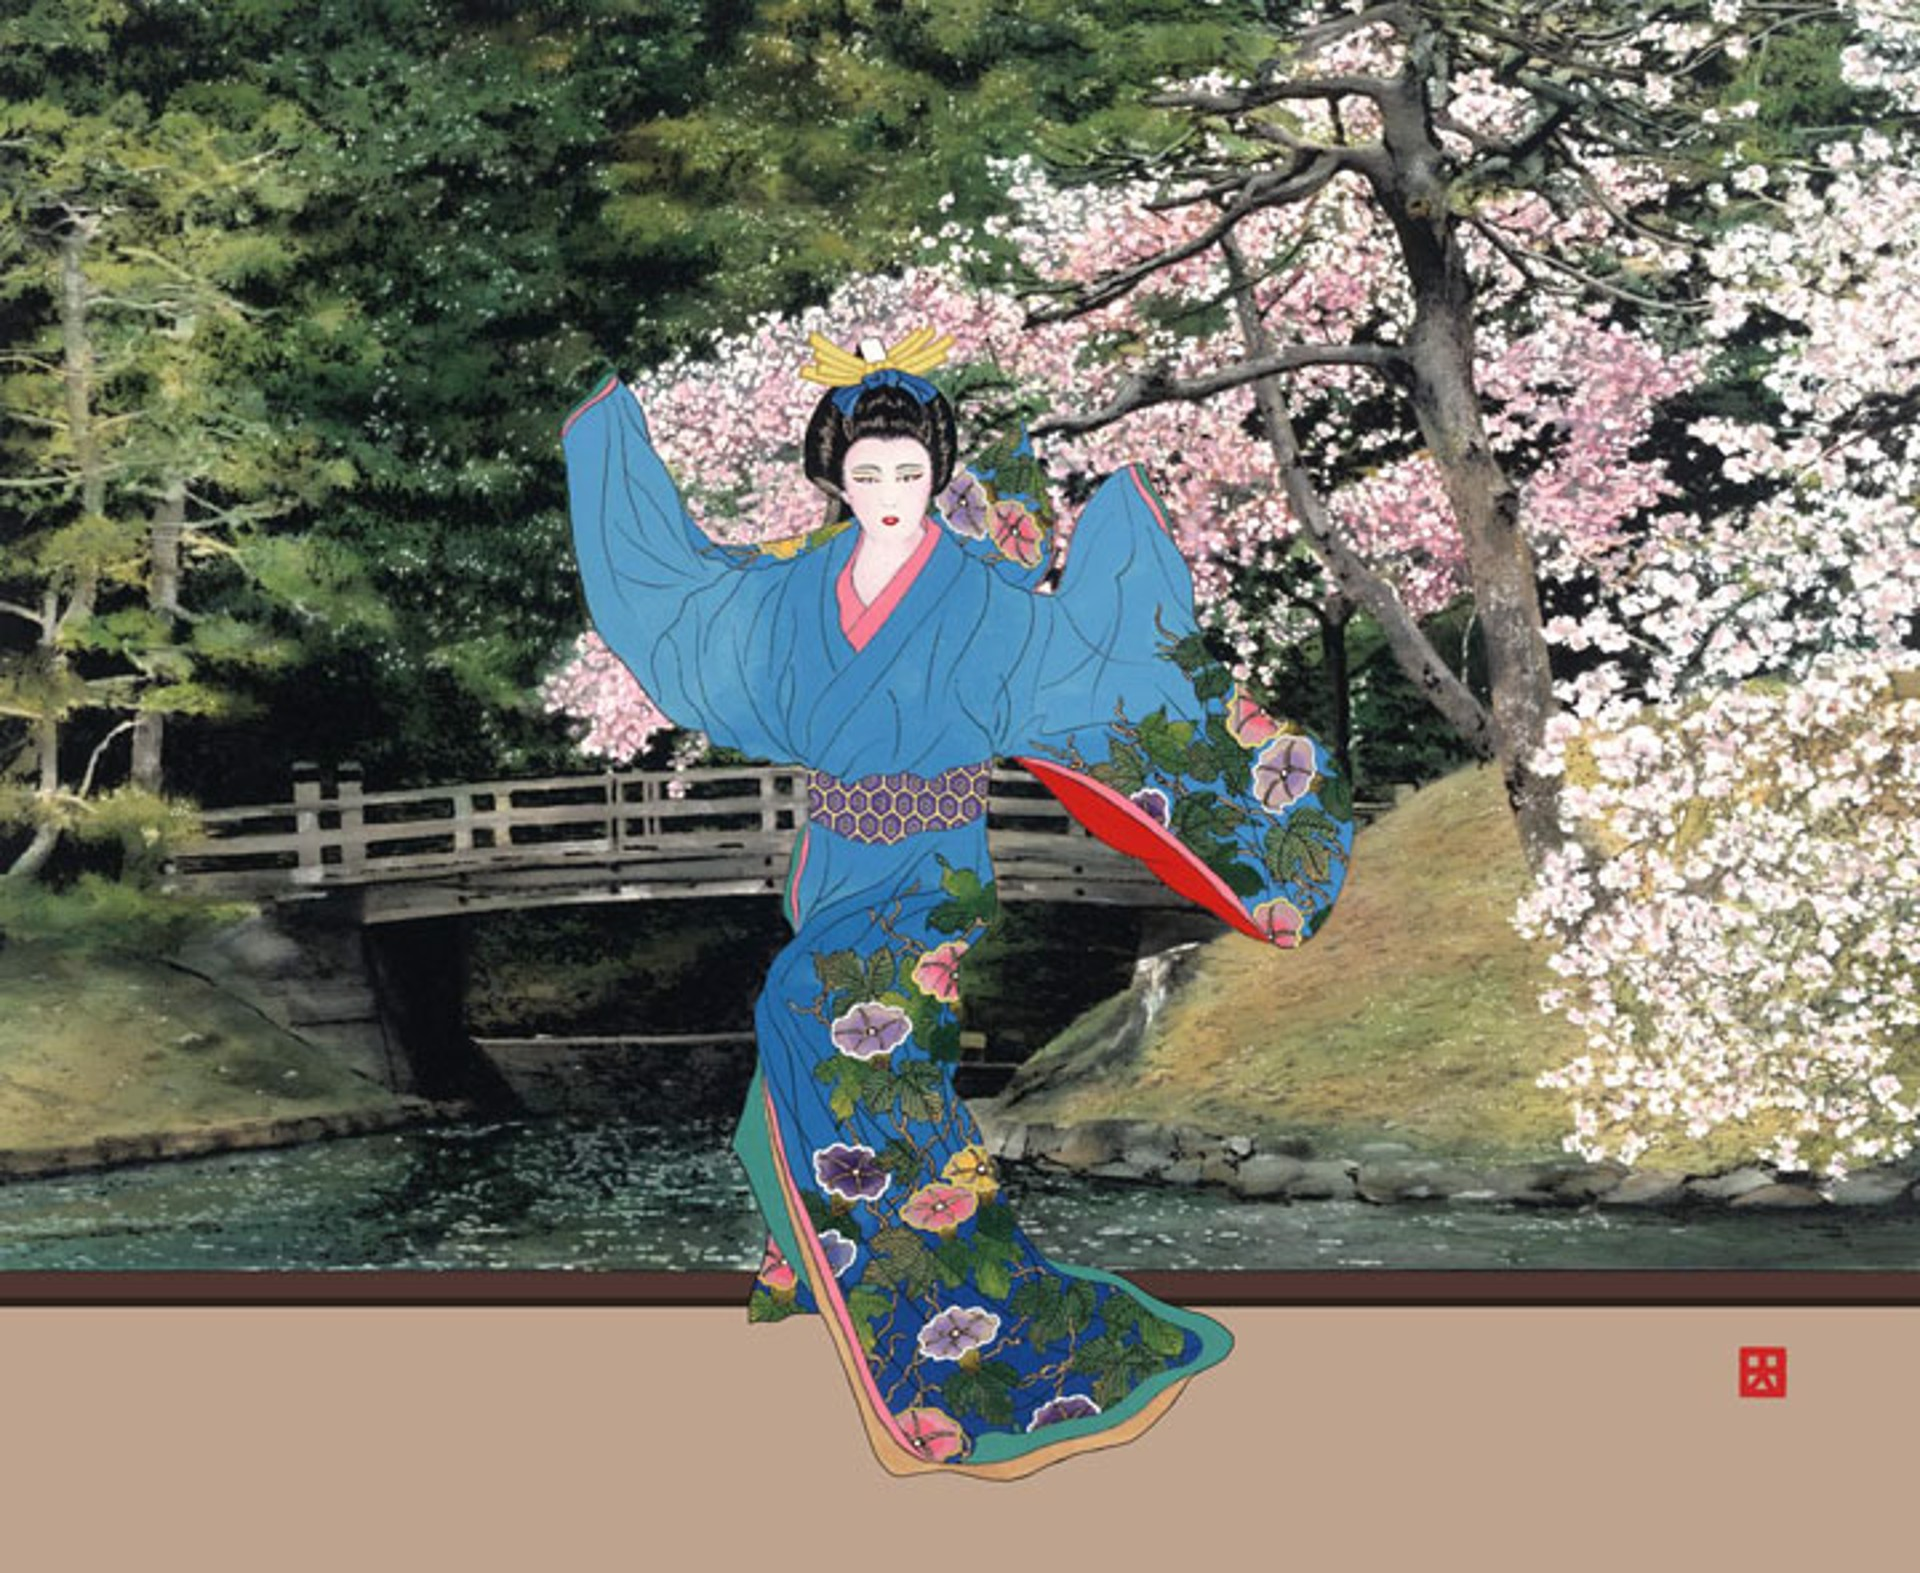 Lady Mieko - Hama-Rikyu Naka No Hashi by Hisashi Otsuka